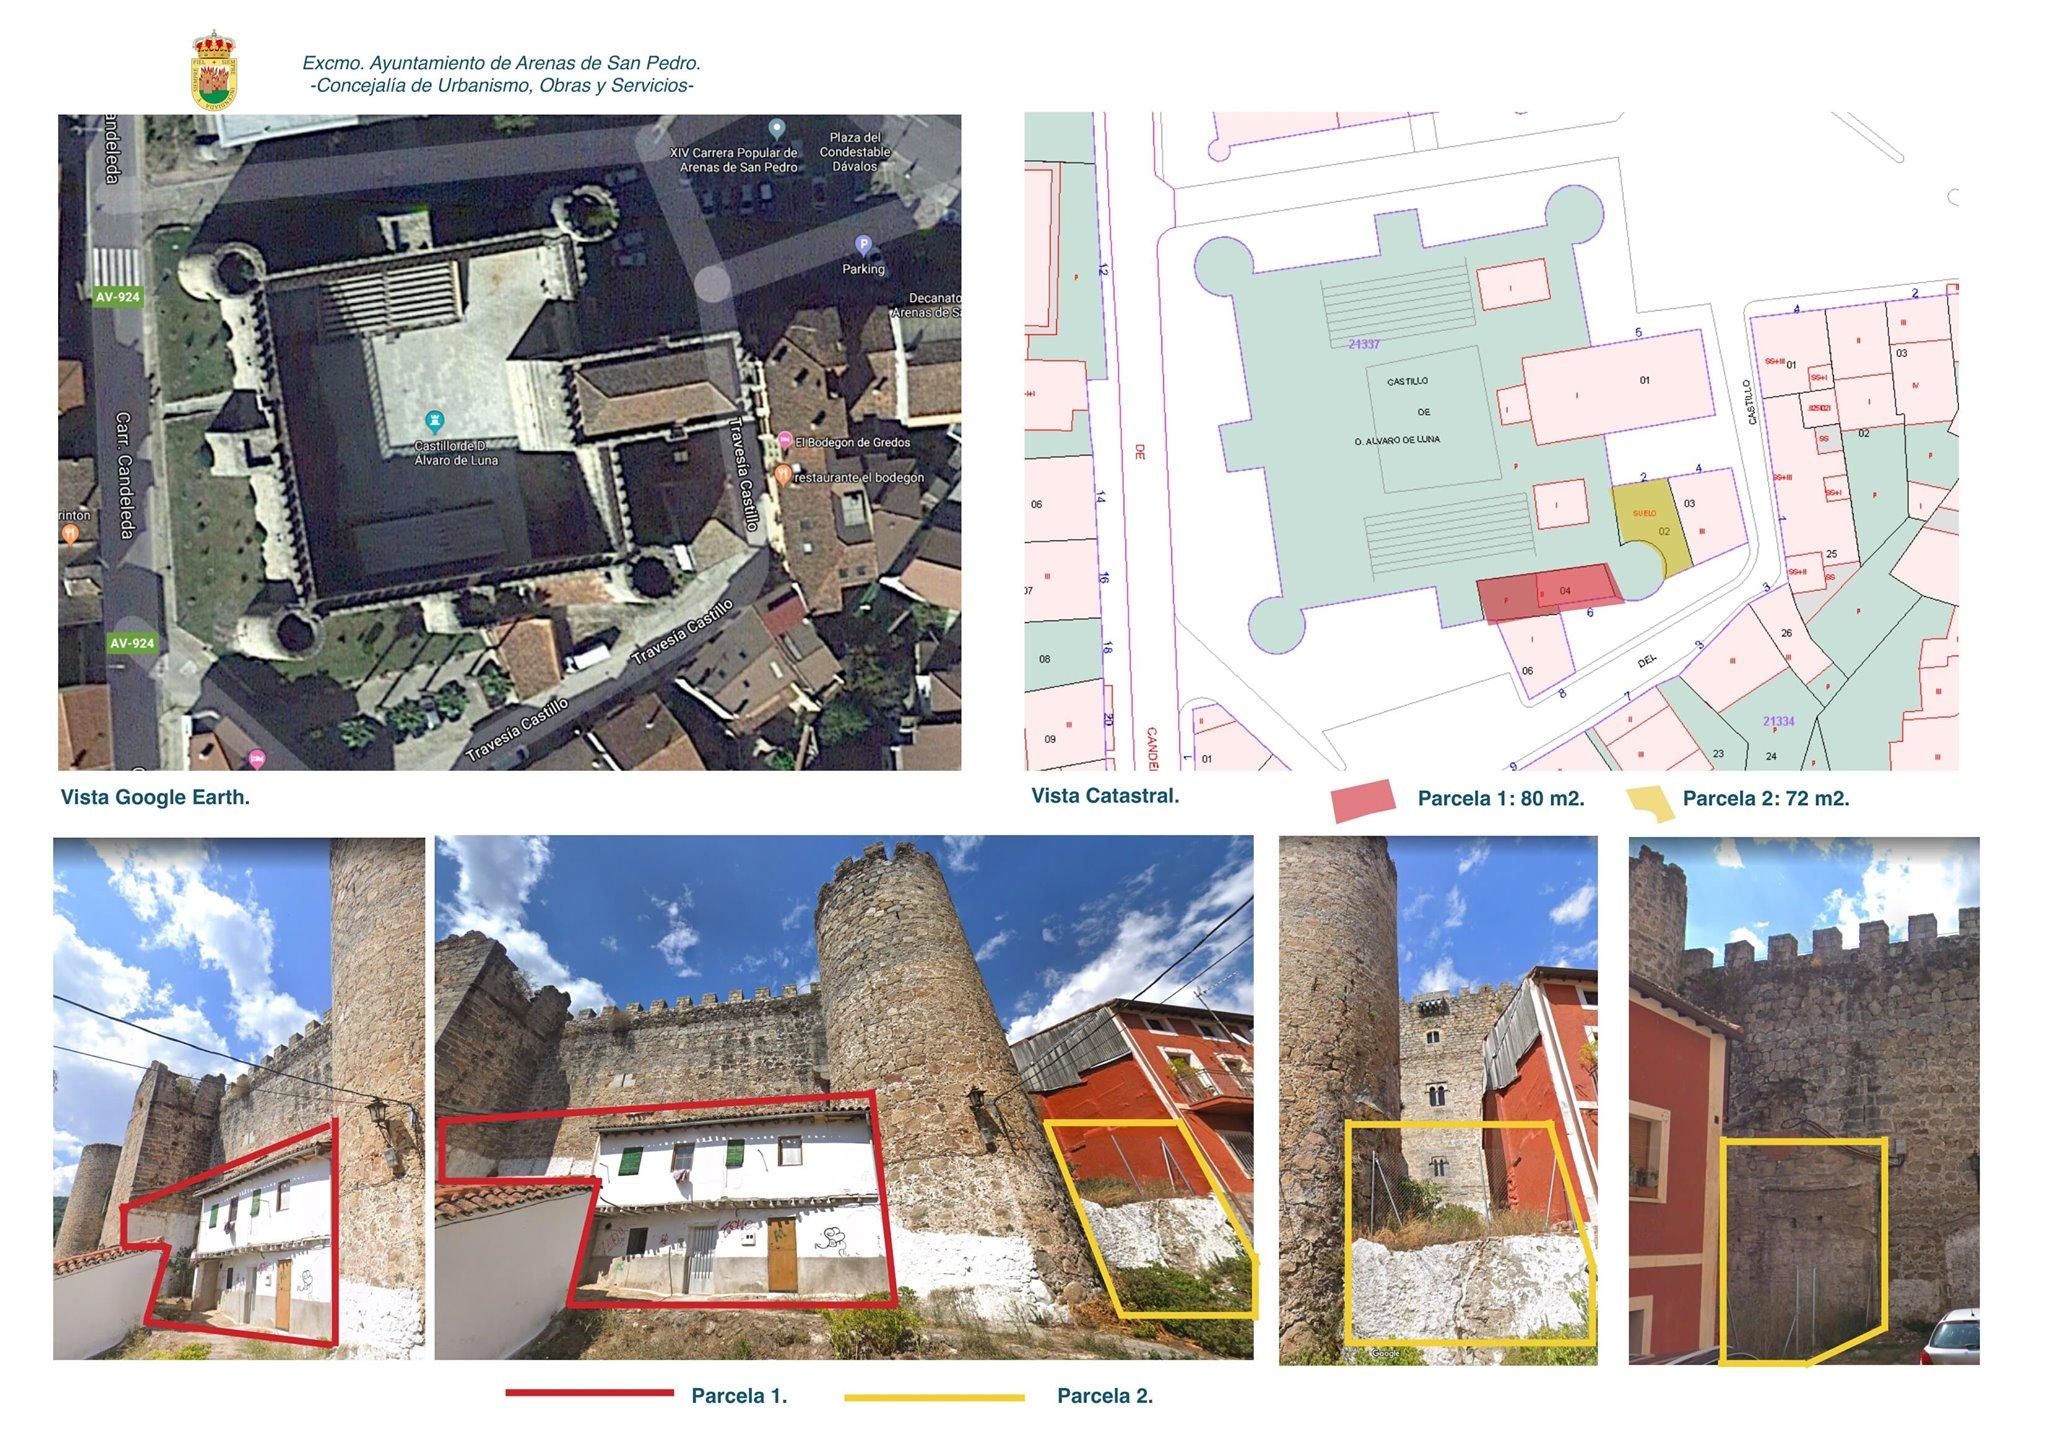 Adquisición últimas casas Castillo Condestable Dávalos - Arenas de San Pedro - TiétarTeVe